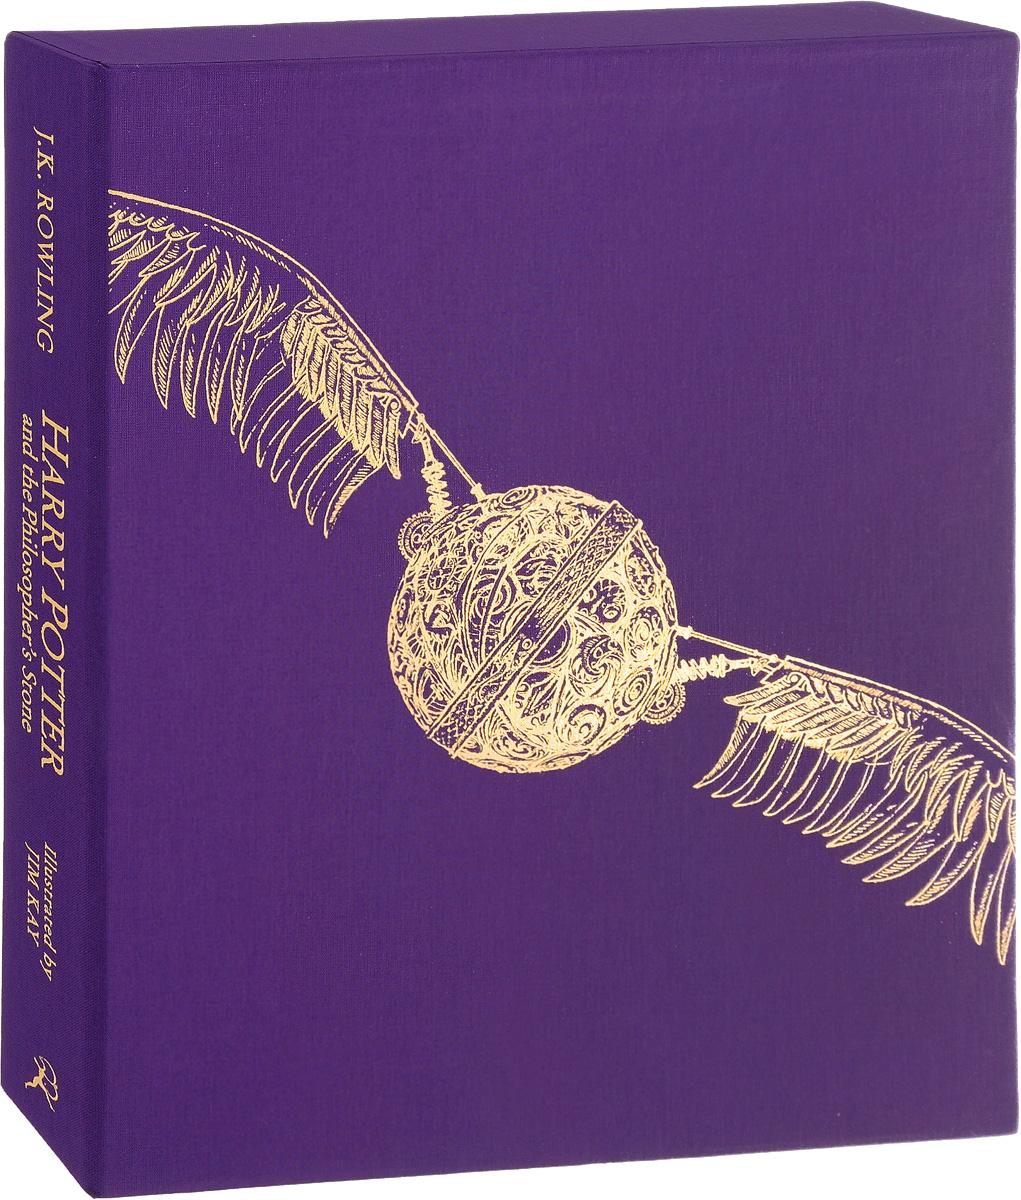 Harry Potter and the Philosophers Stone (подарочное издание)